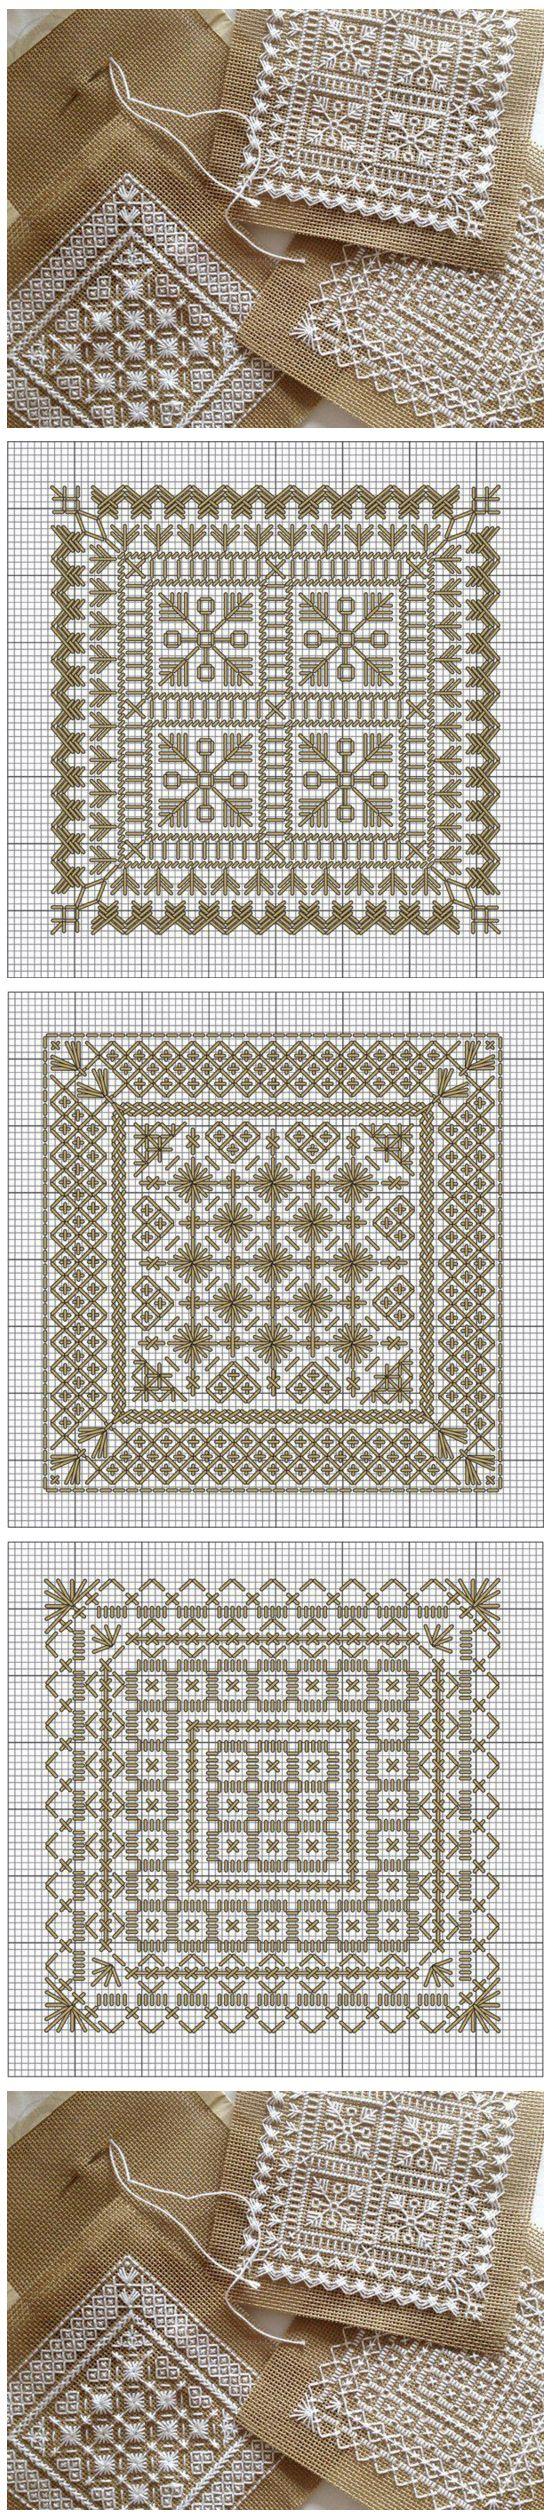 Embroidery patterns / Схемы для изящной вышивки